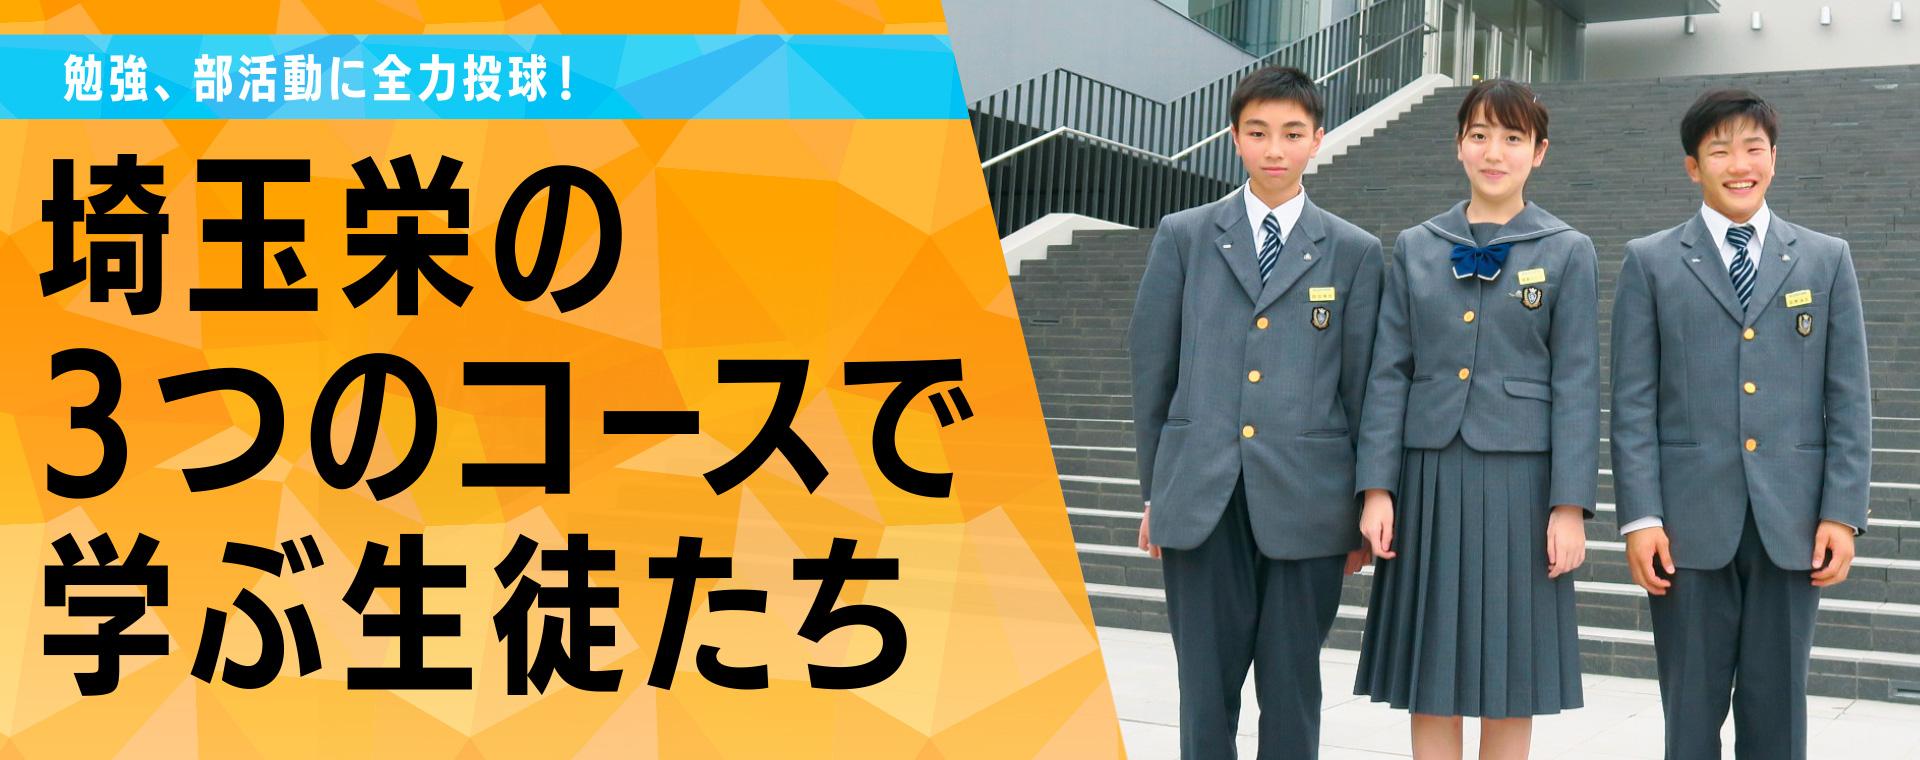 勉強、部活動に全力投球!埼玉栄の3つのコースで学ぶ生徒たち